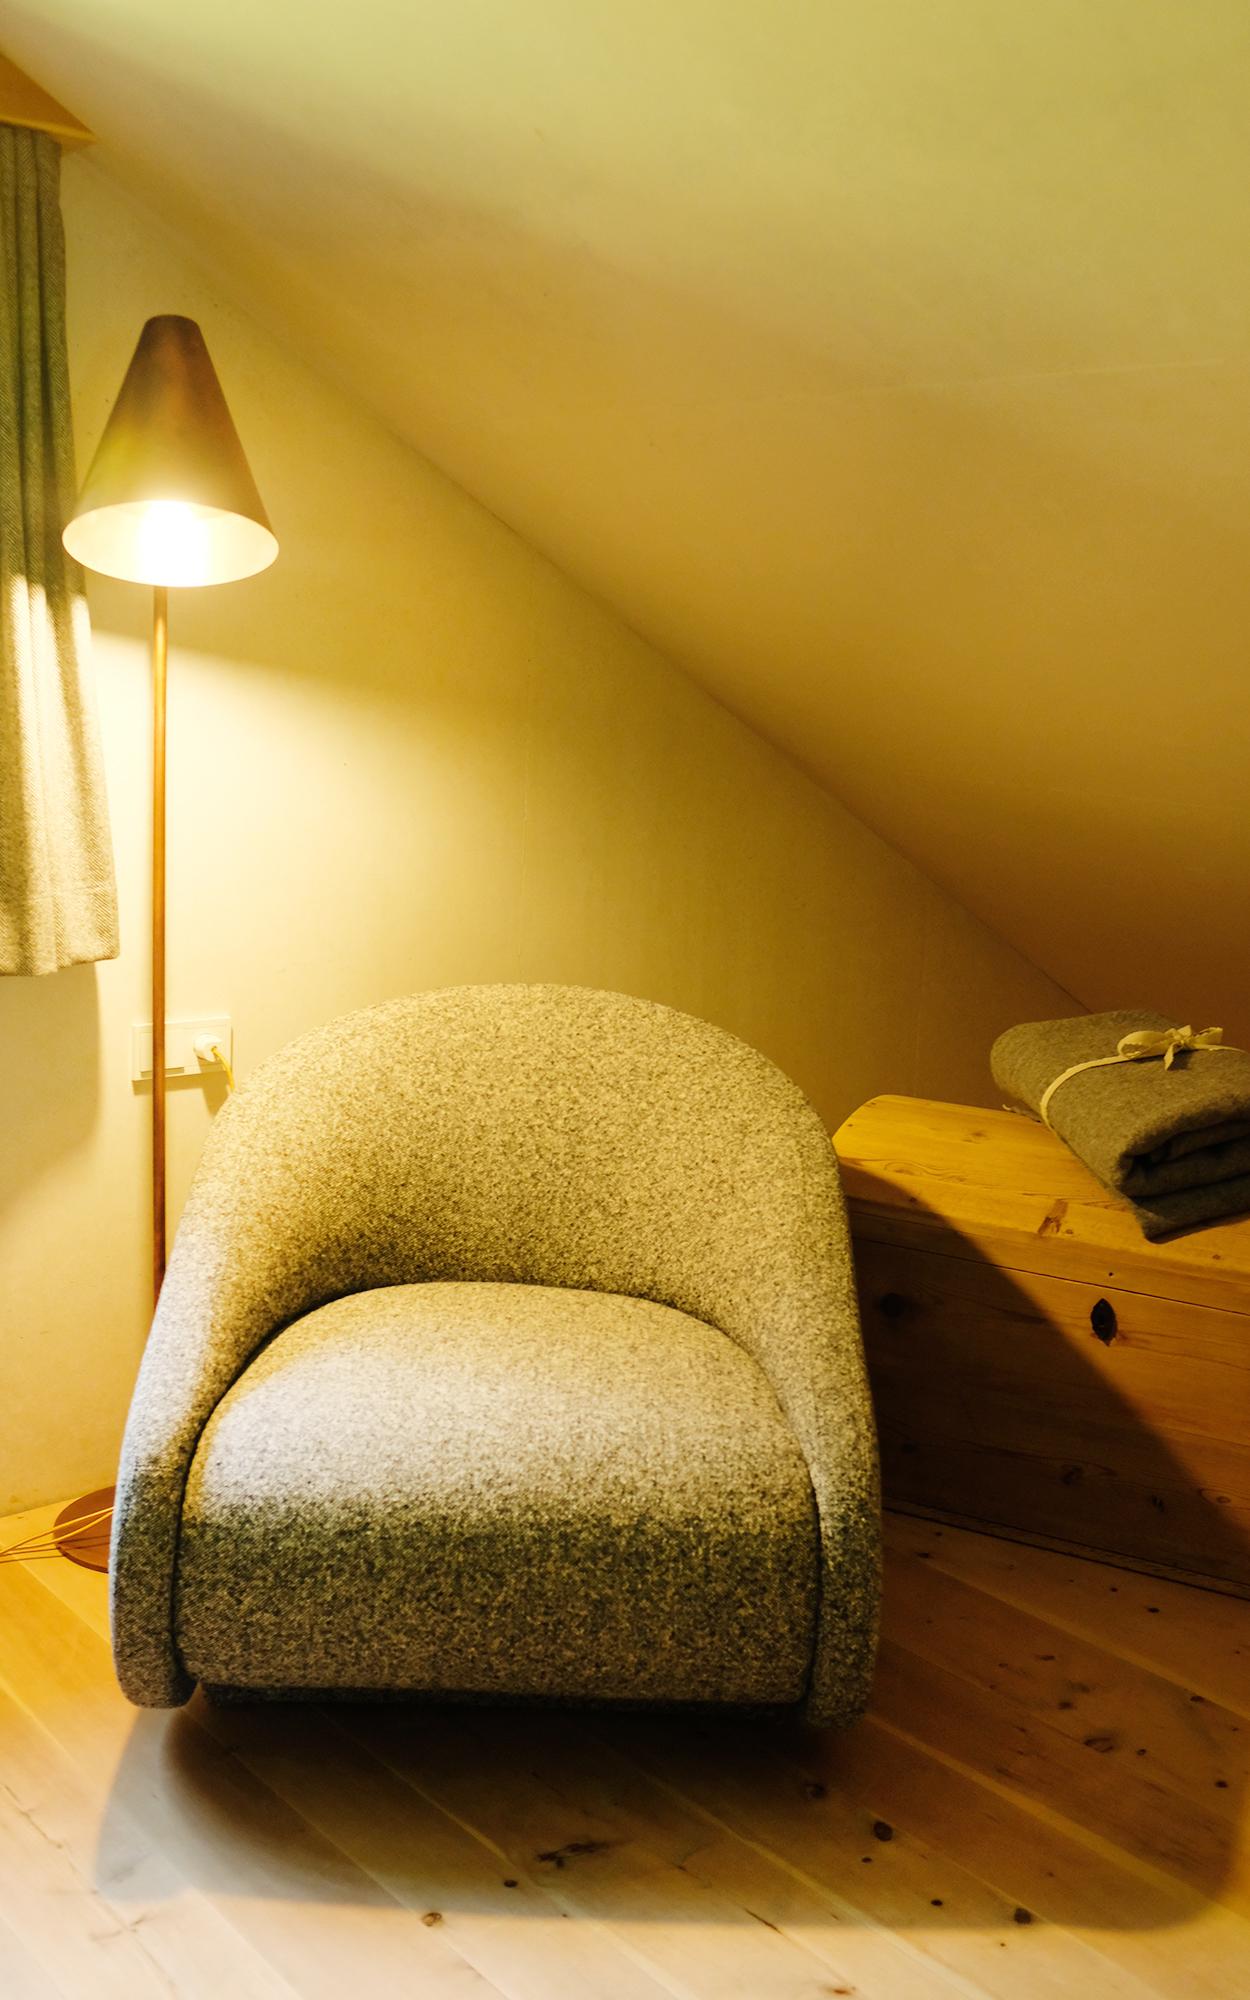 Full Size of Sessel Schlafzimmer Alpen Wohlgeraten Set Landhaus Komplett Guenstig Kommode Stuhl Günstige Kommoden Deckenlampe Weiß Günstig Deckenleuchten Rauch Led Schlafzimmer Sessel Schlafzimmer